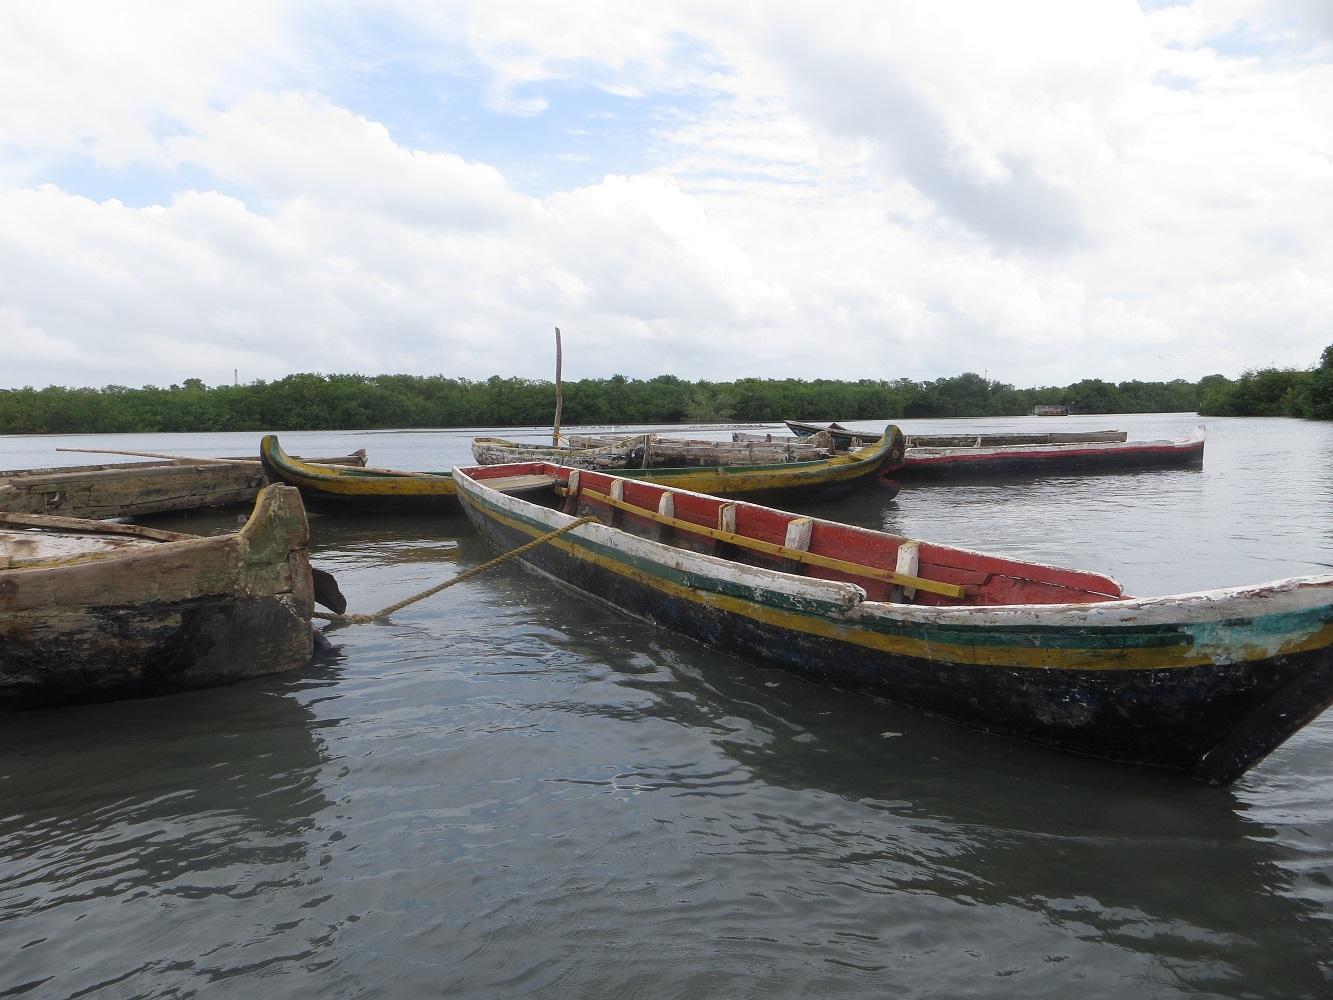 Mein Schiff Ausflug: Kanufahrt in Mangrovenwäldern von Kolumbien